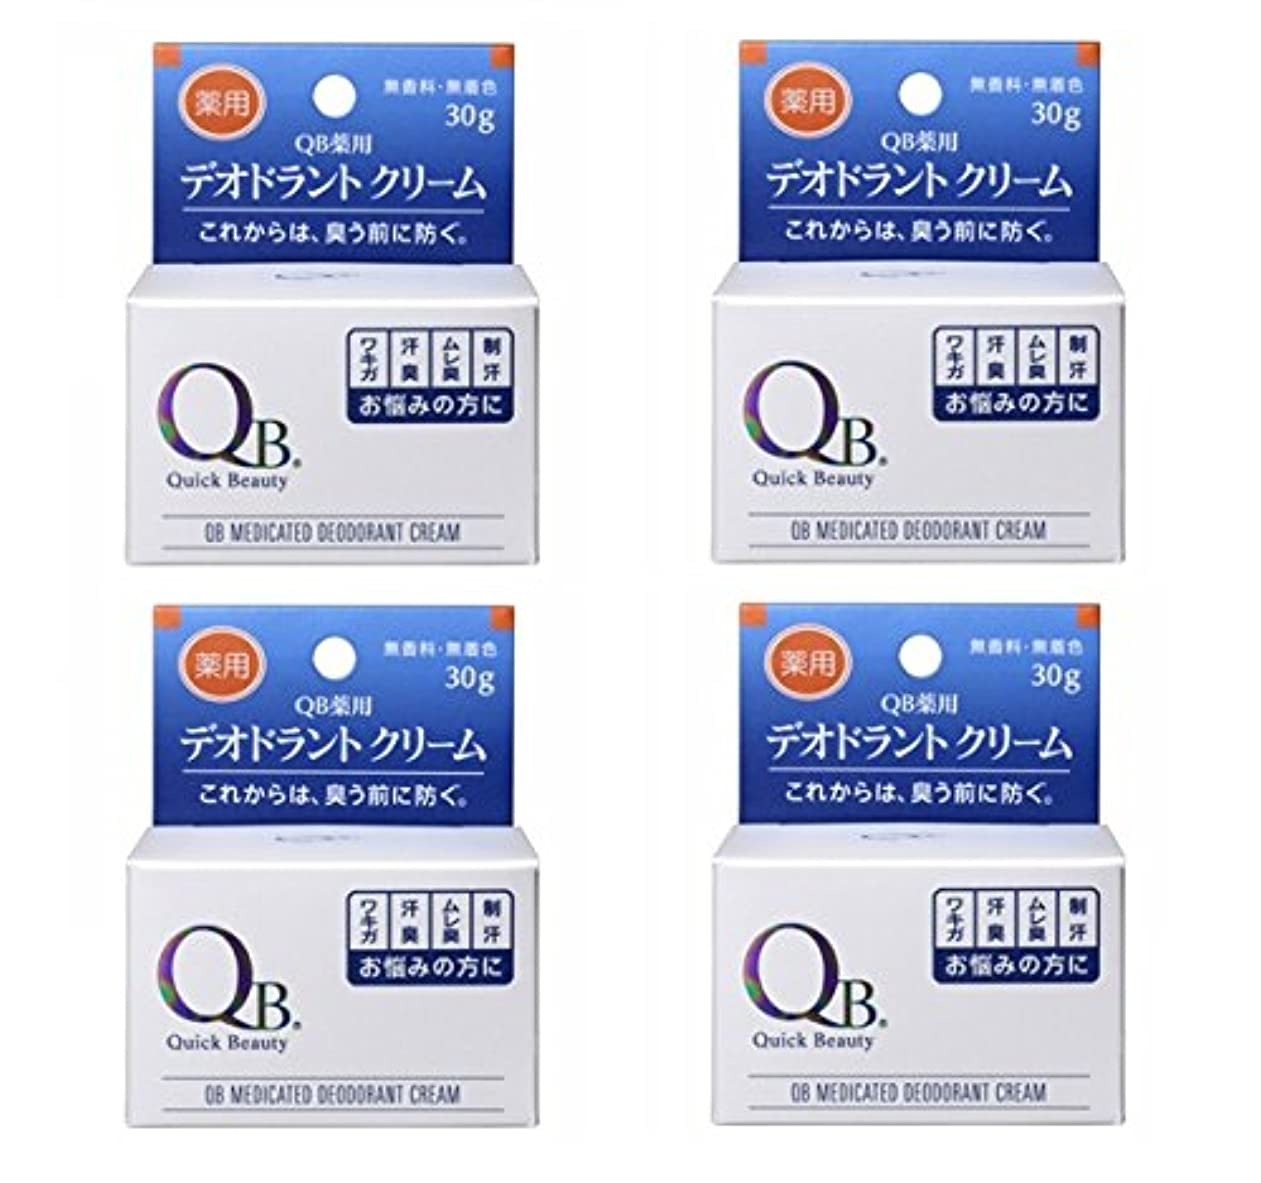 かかわらず筋肉の反応する【×4個】 QB 薬用デオドラントクリーム 30g 【国内正規品】